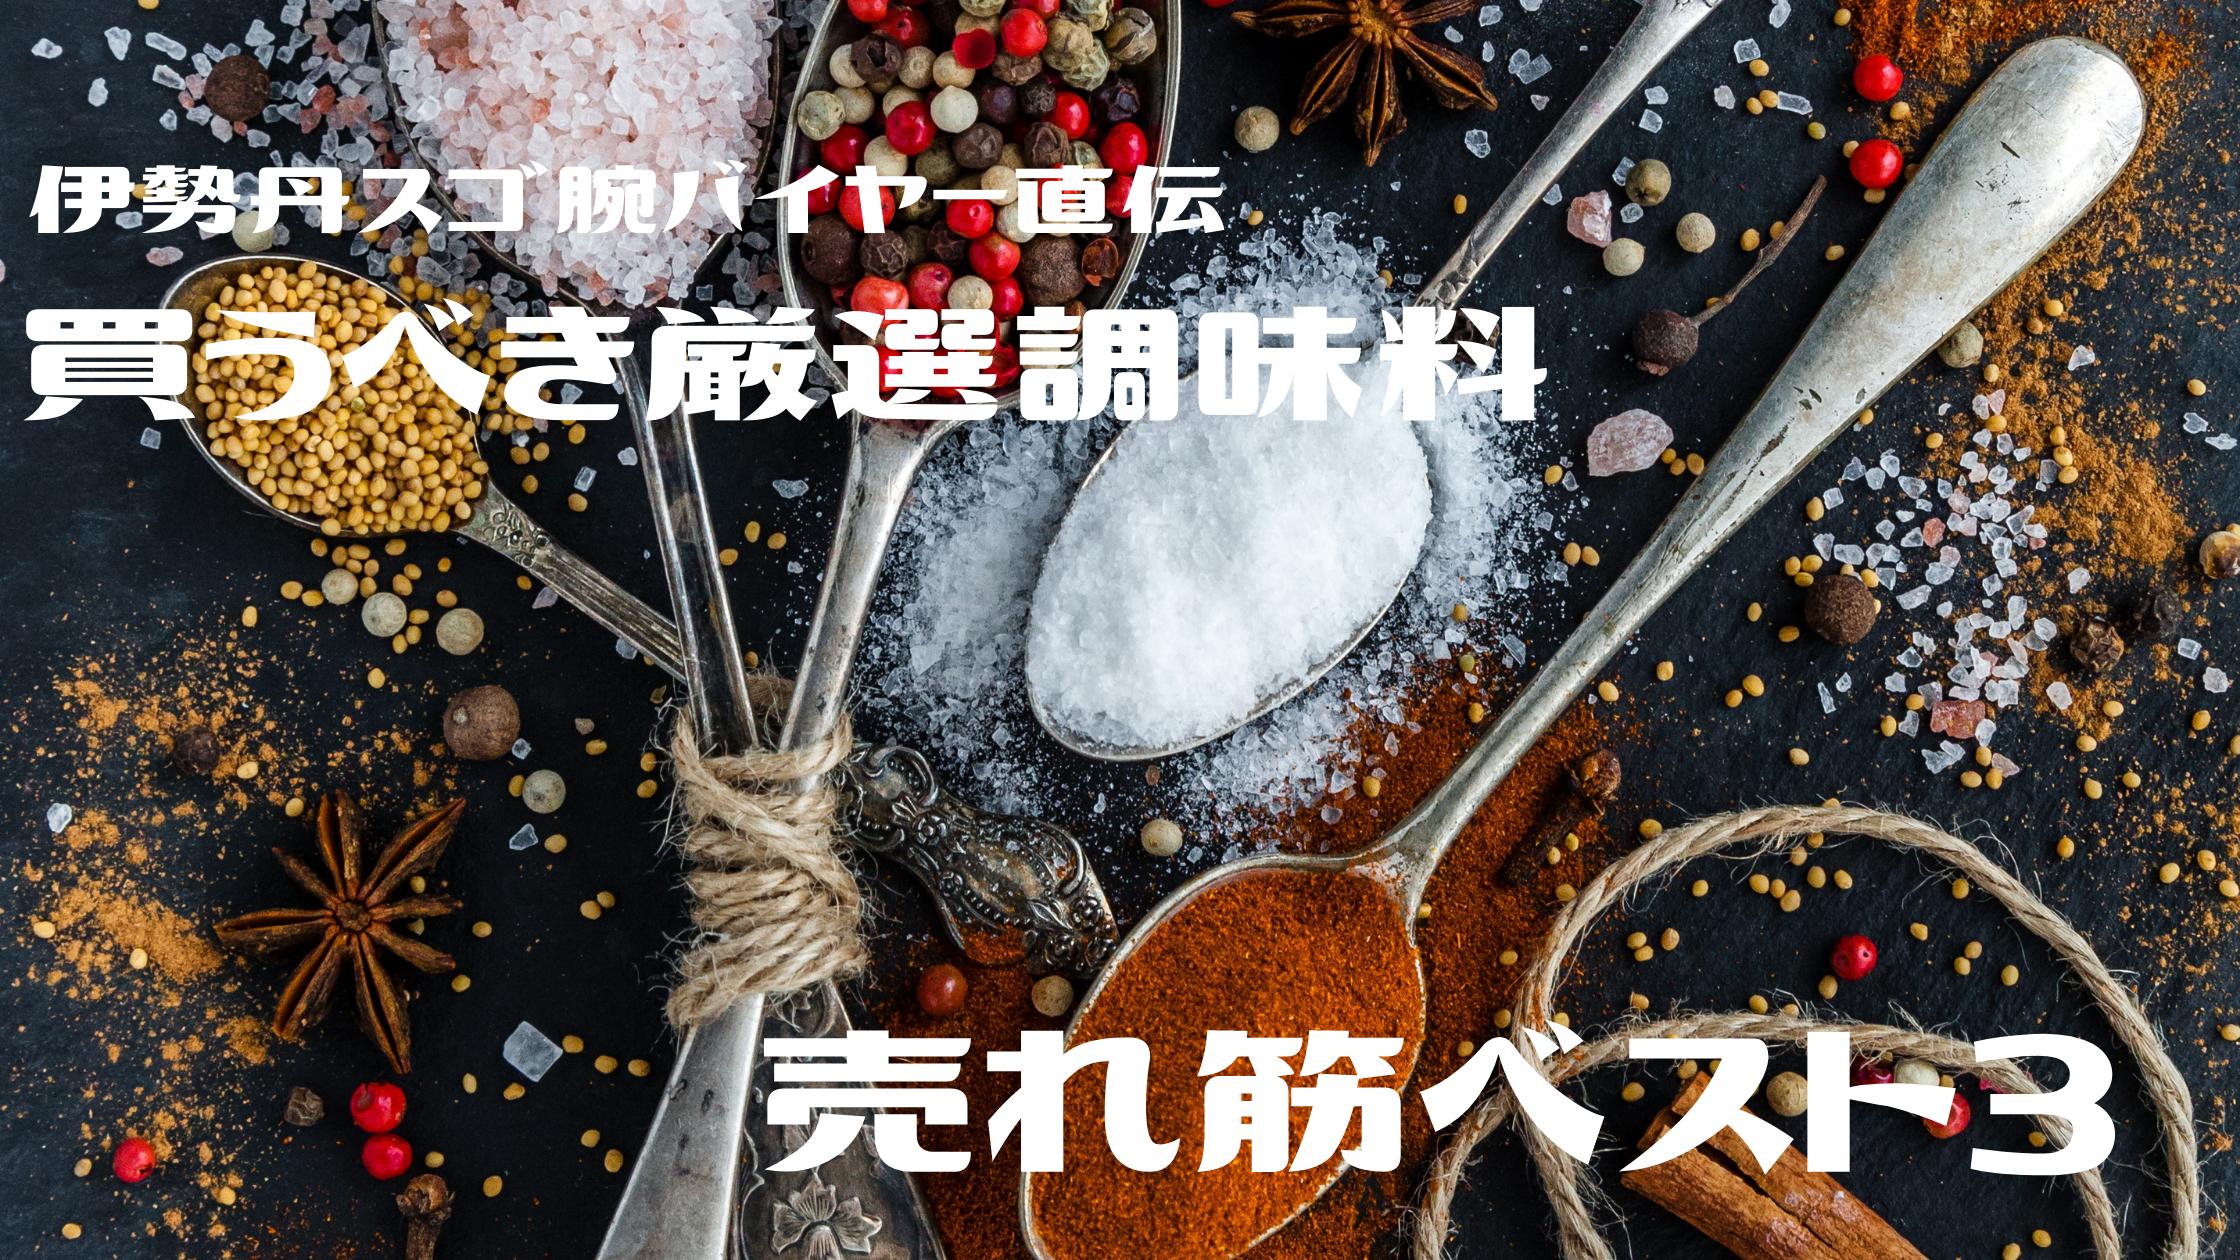 伊勢丹【スゴ腕バイヤー直伝 】今買うべき【トレンド調味料】